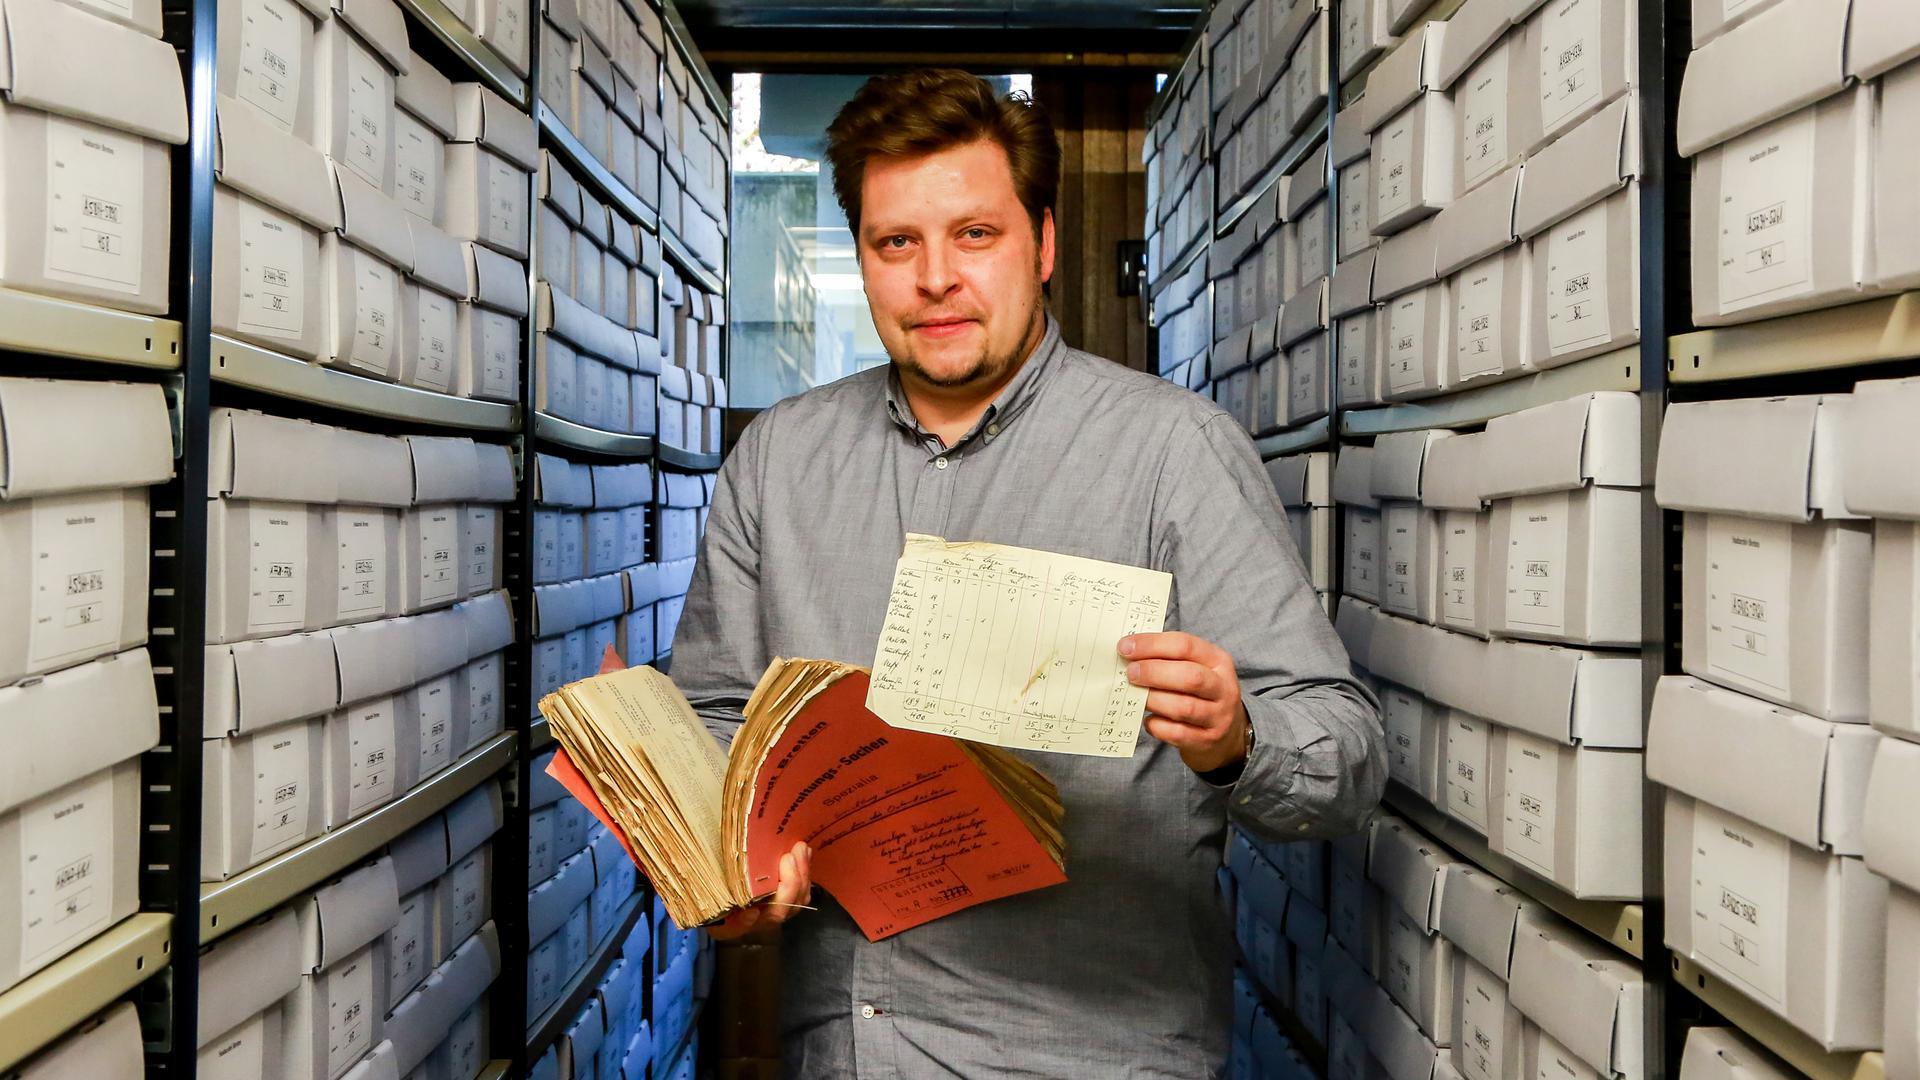 Mann mit Aktenbündel in Archiv